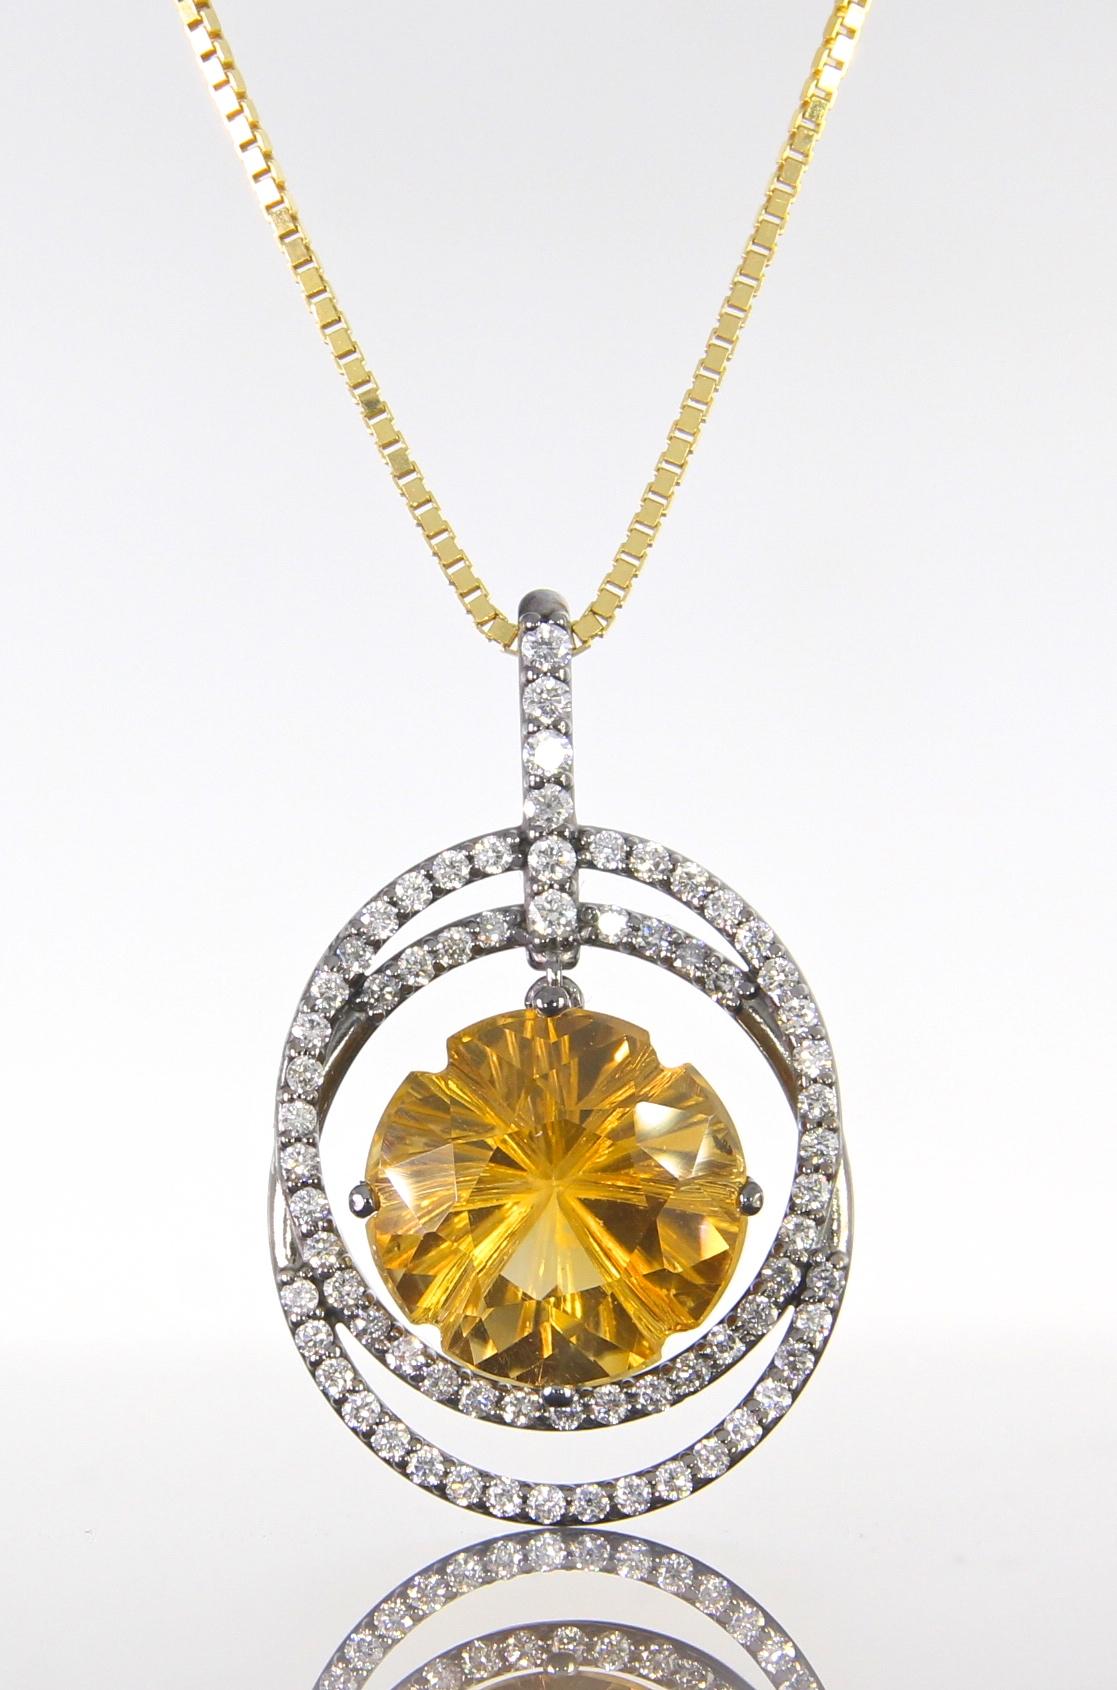 unique-double-diamond-halo-citrine-stone-pendant-craft-revival-jewelry-store-grand-rapids